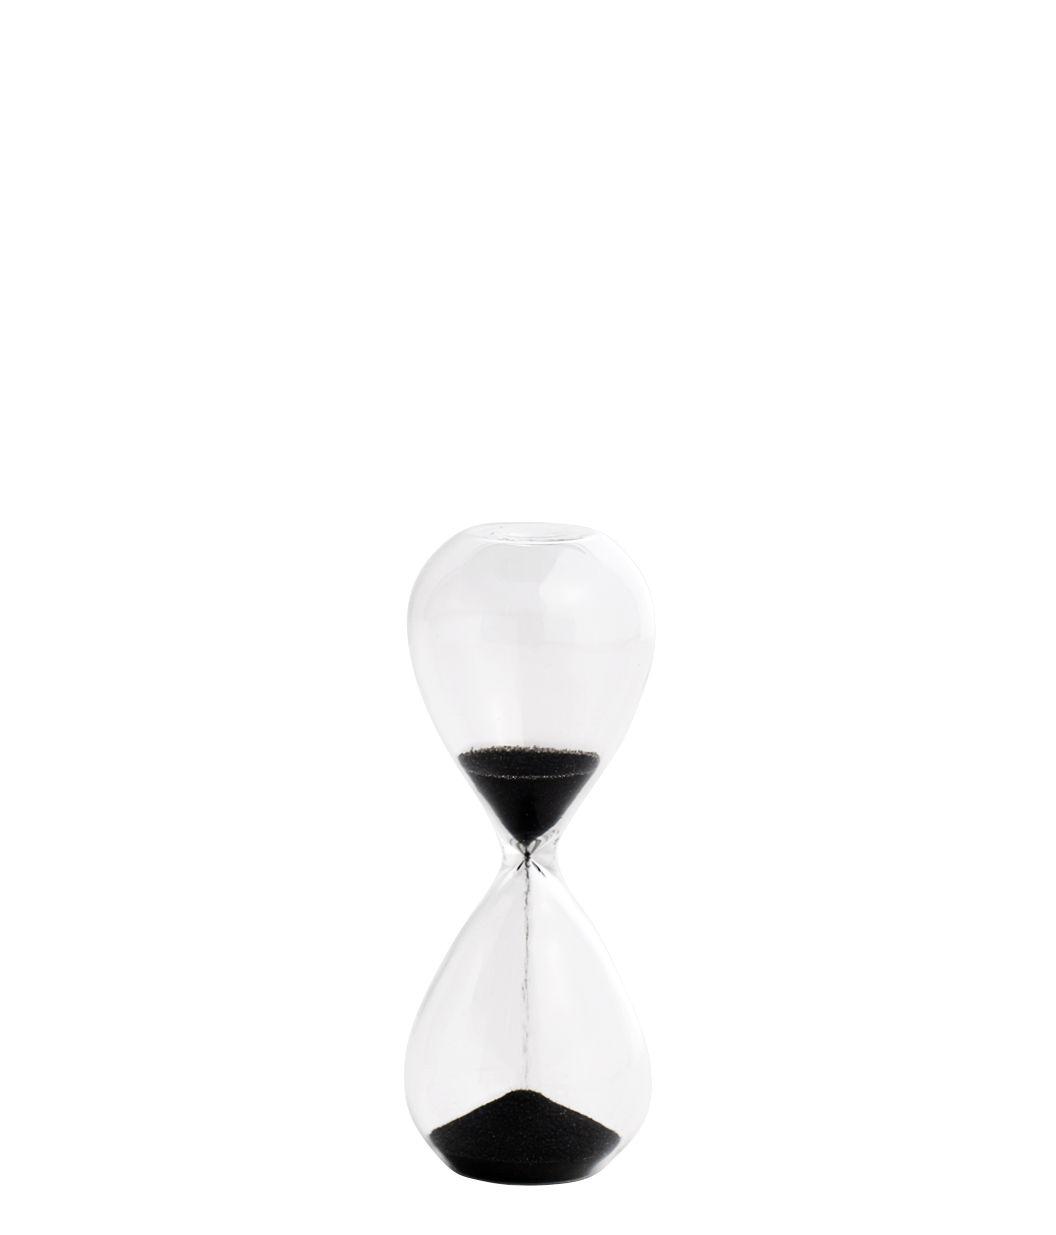 Cuisine - Ustensiles de cuisines - Sablier Time Small / 3 minutes - H 9 cm - Hay - Transparent / Noir - sable, Verre